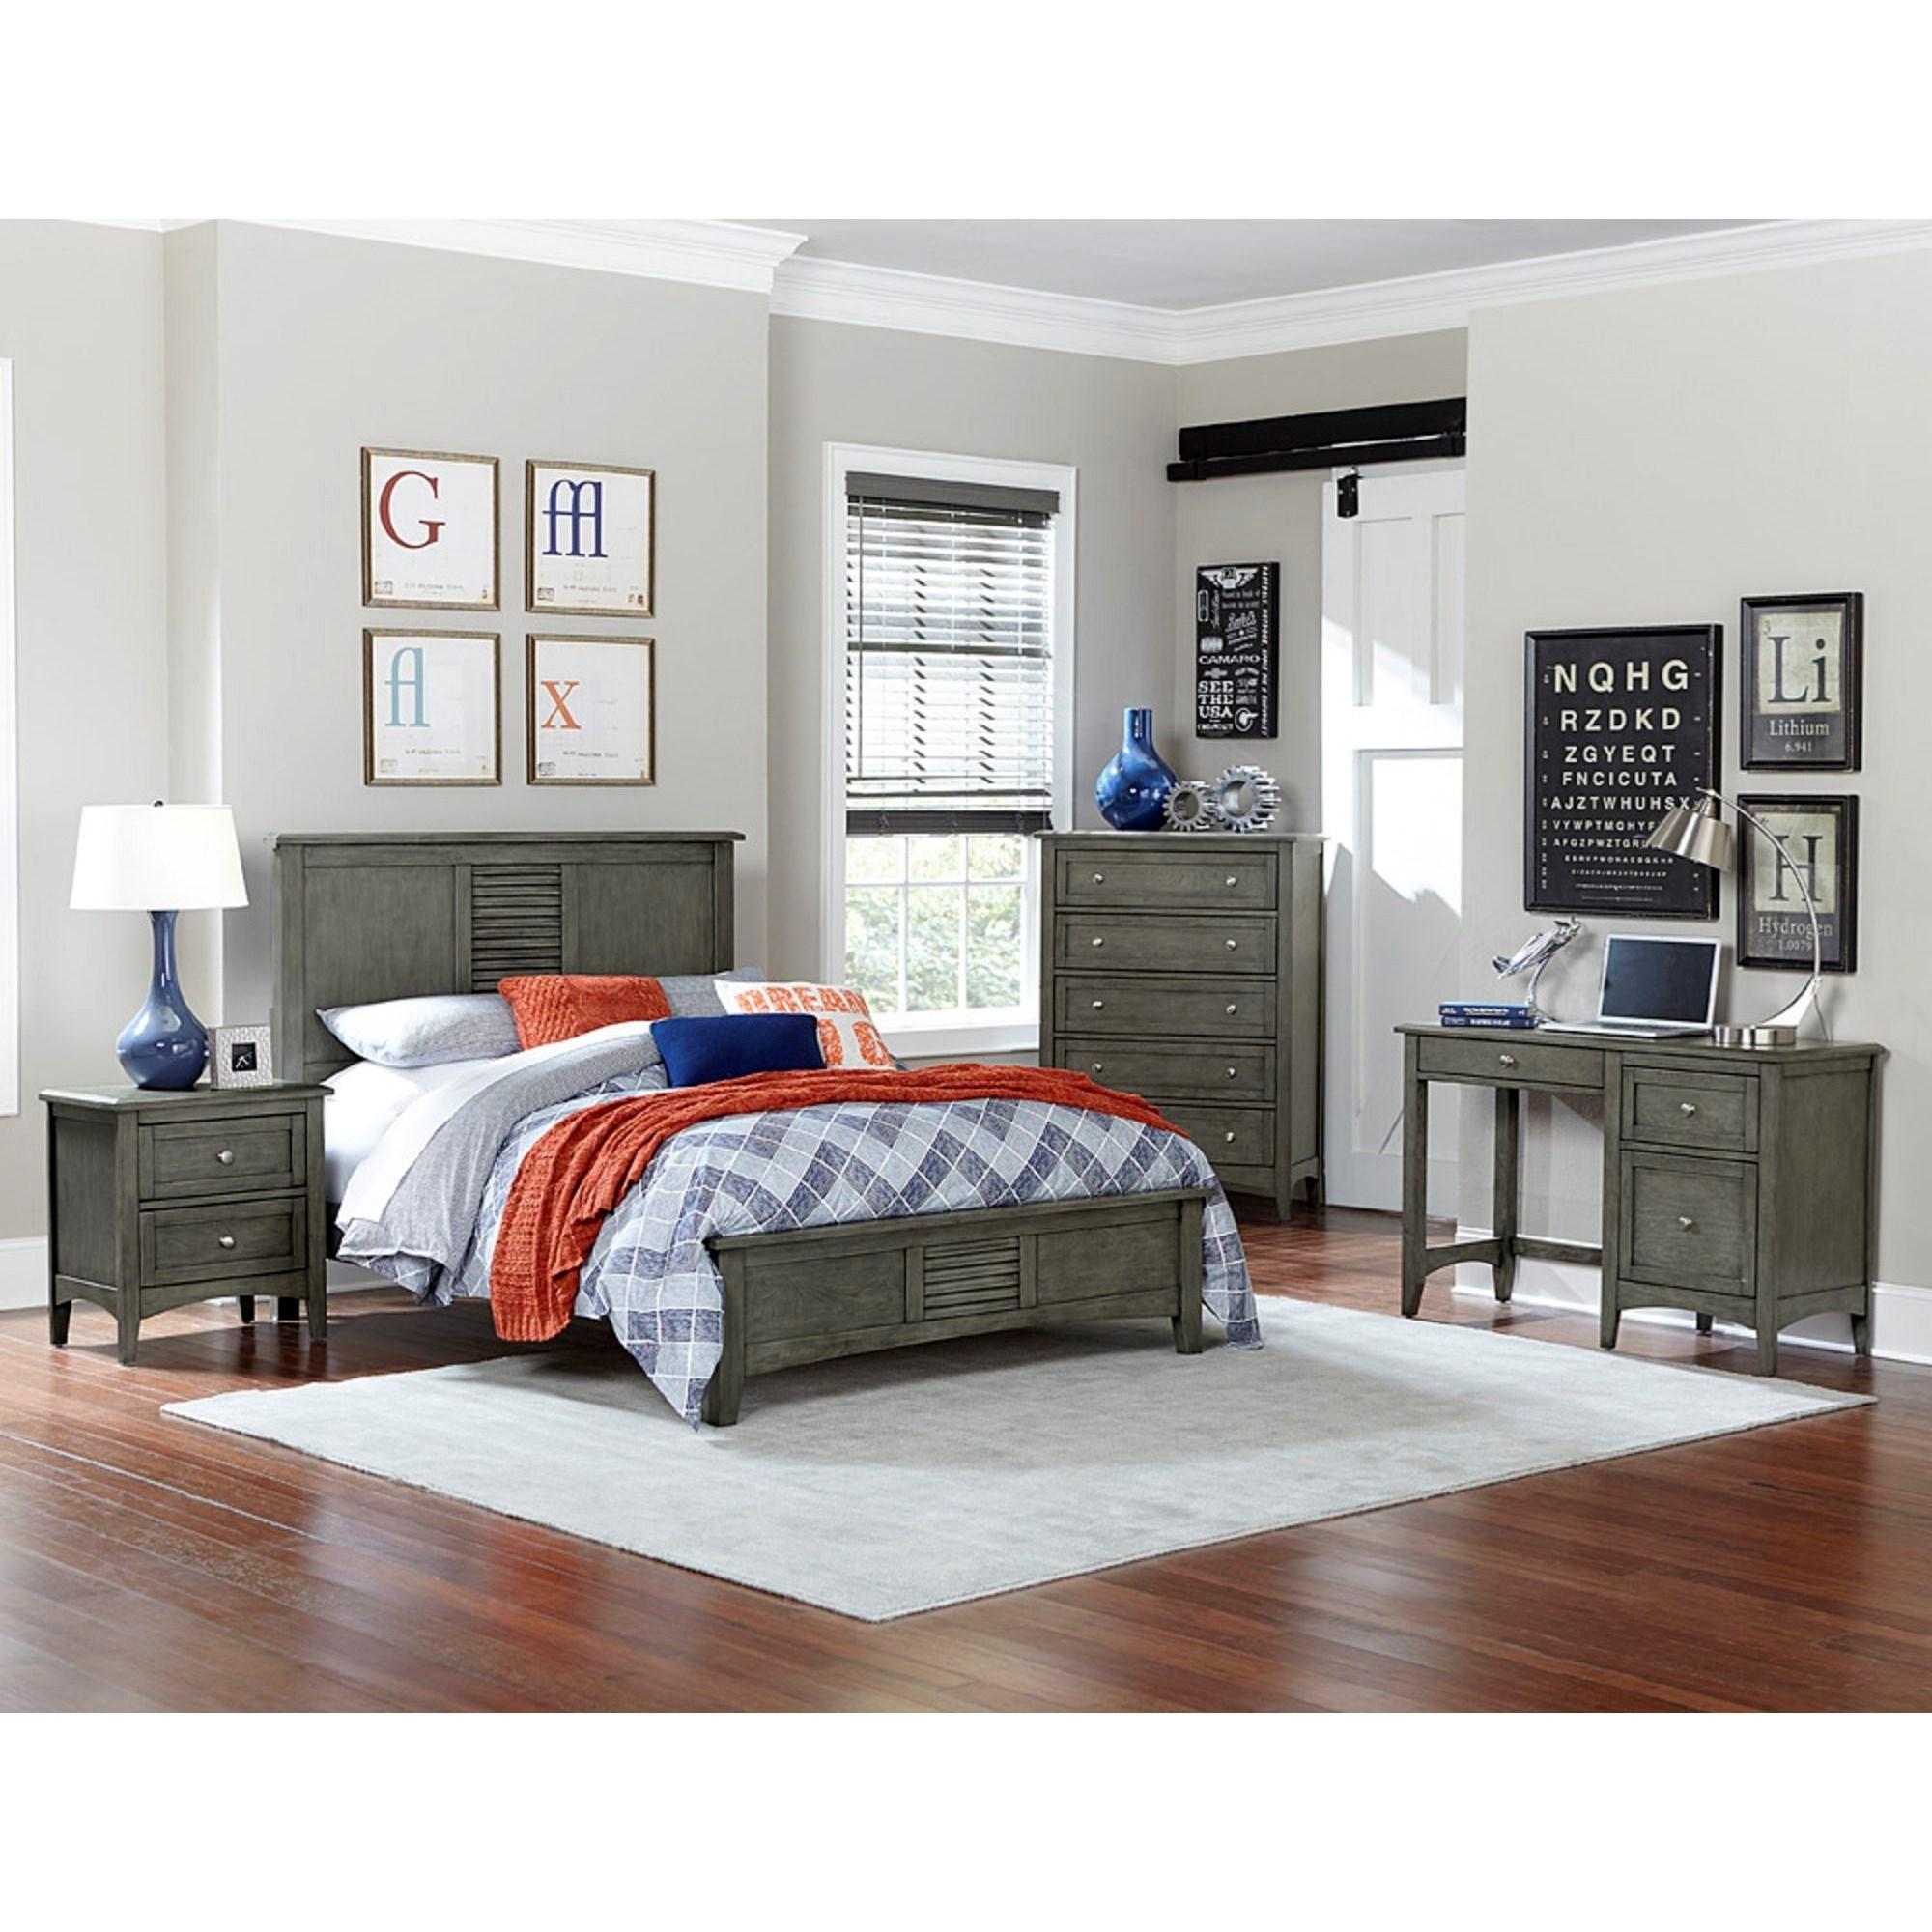 Homelegance Garcia Full Bedroom Group